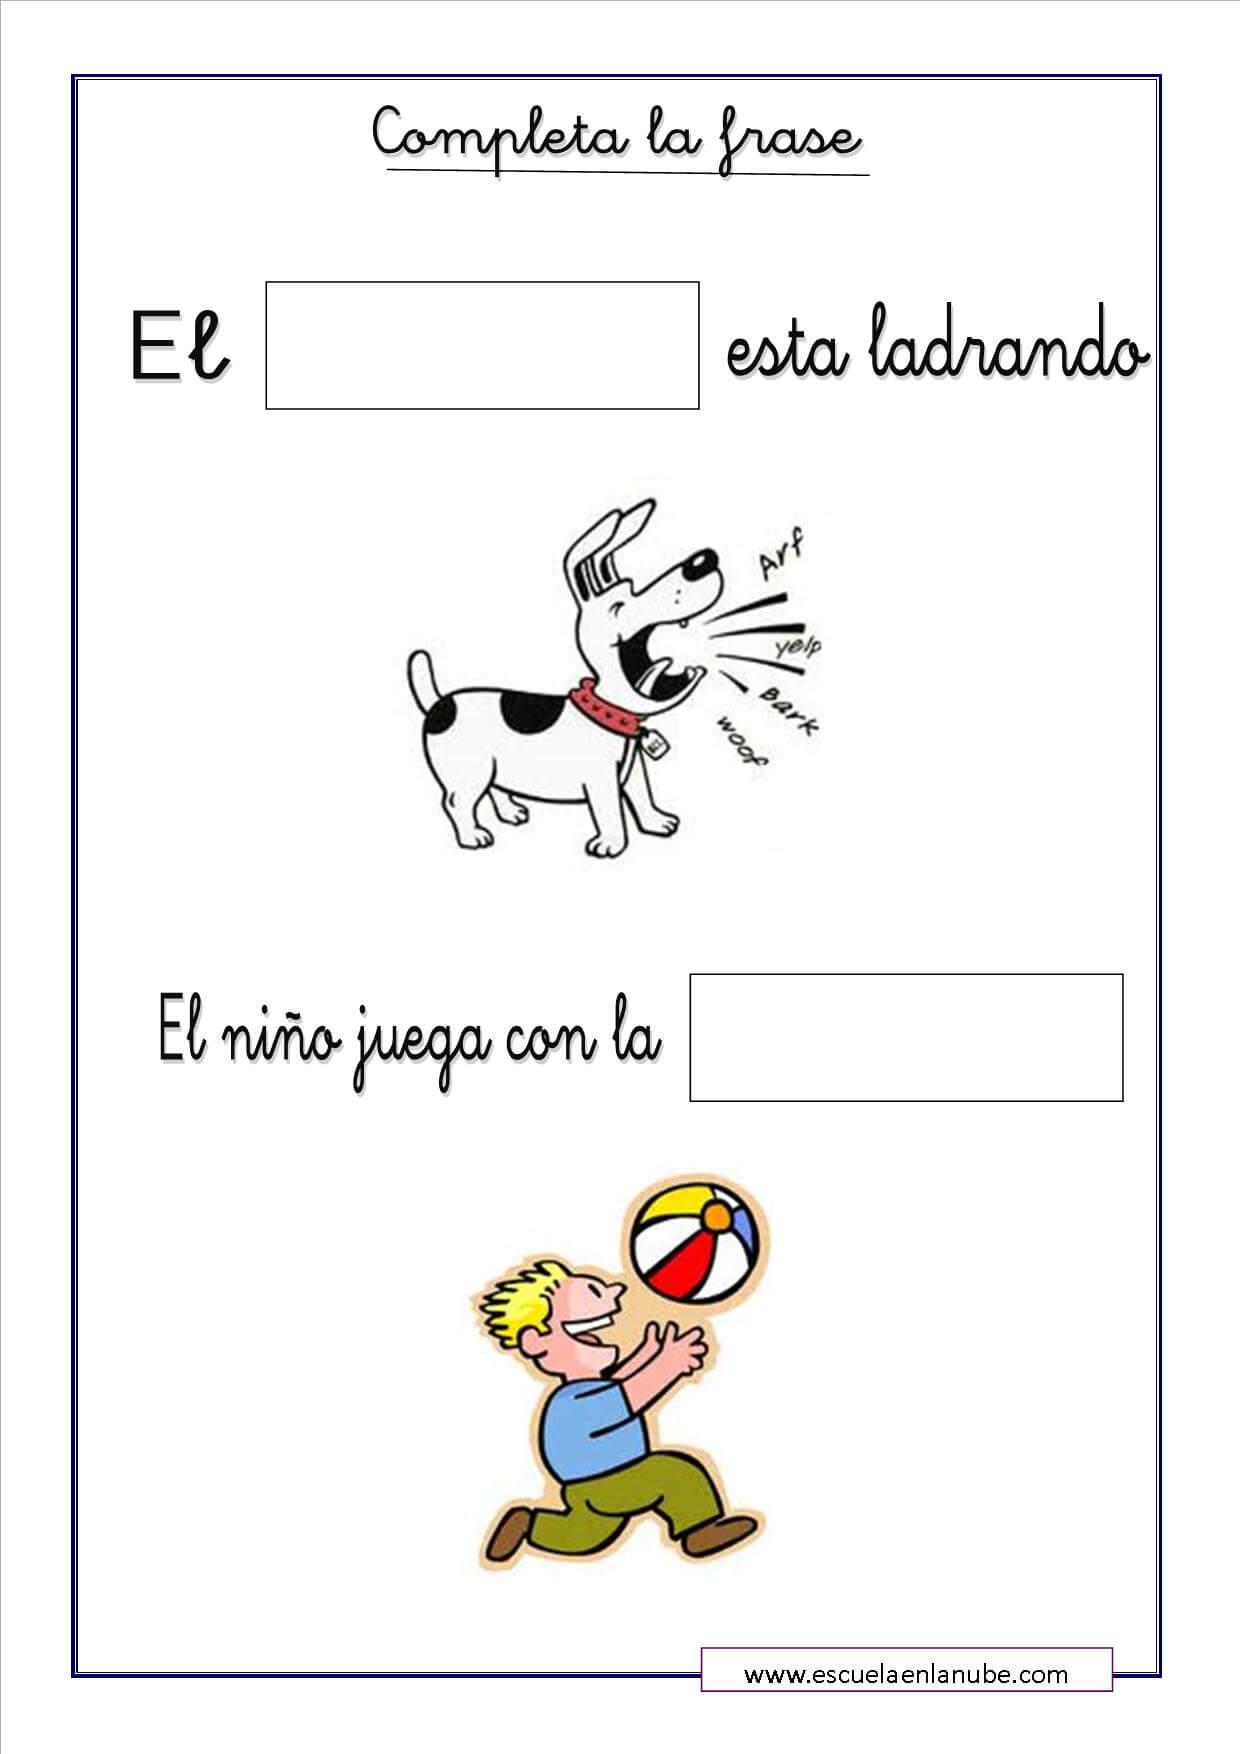 Ejercicios De Lengua Para Infantil Completa Y Ordena Las Frases